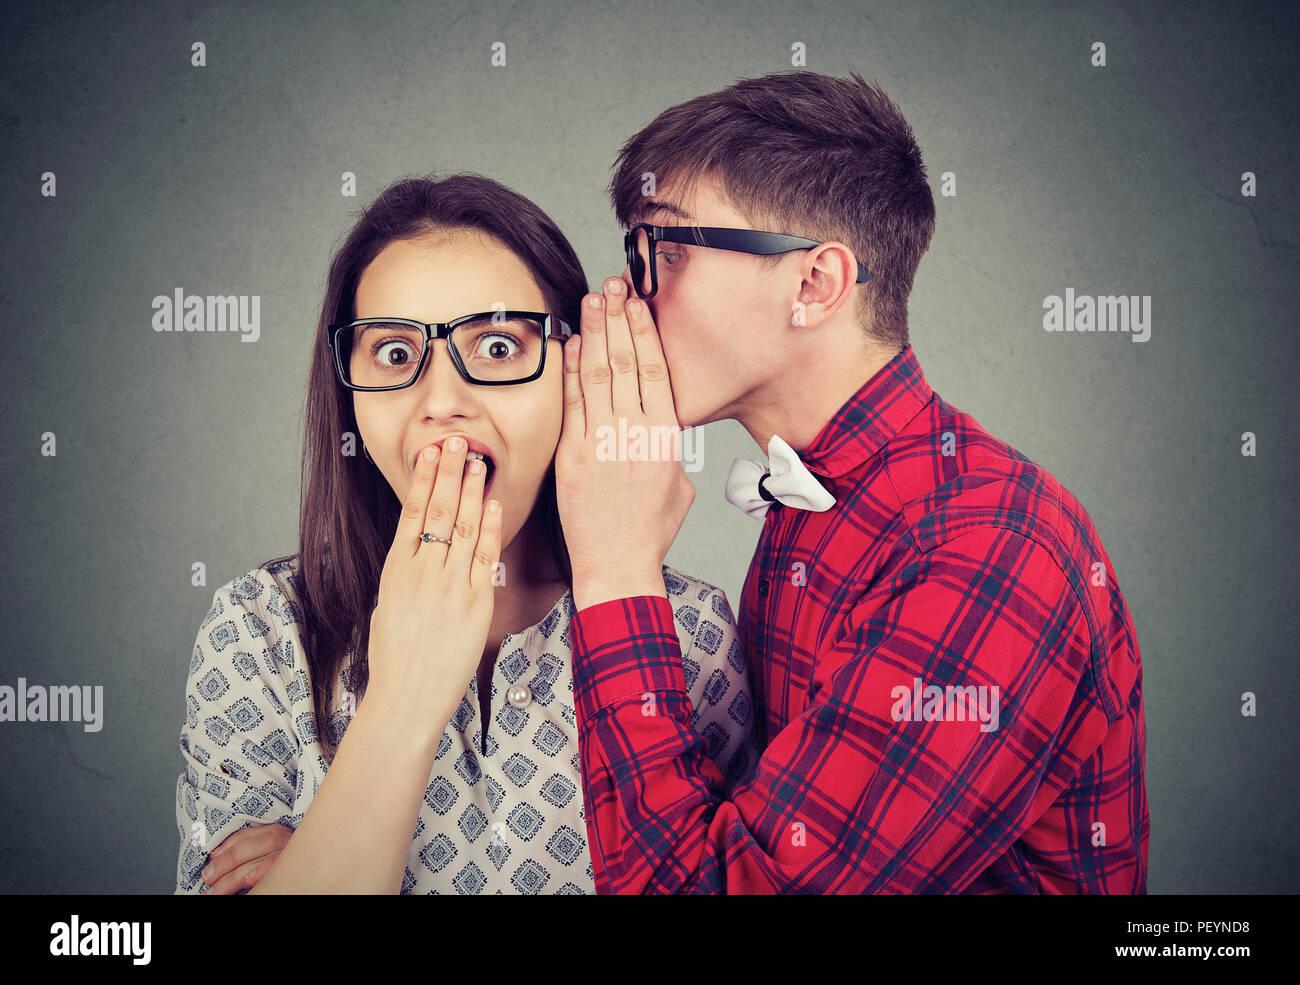 Giovane uomo in bicchieri raccontando segreto alla donna che guarda sconvolto mentre in piedi su sfondo grigio Immagini Stock